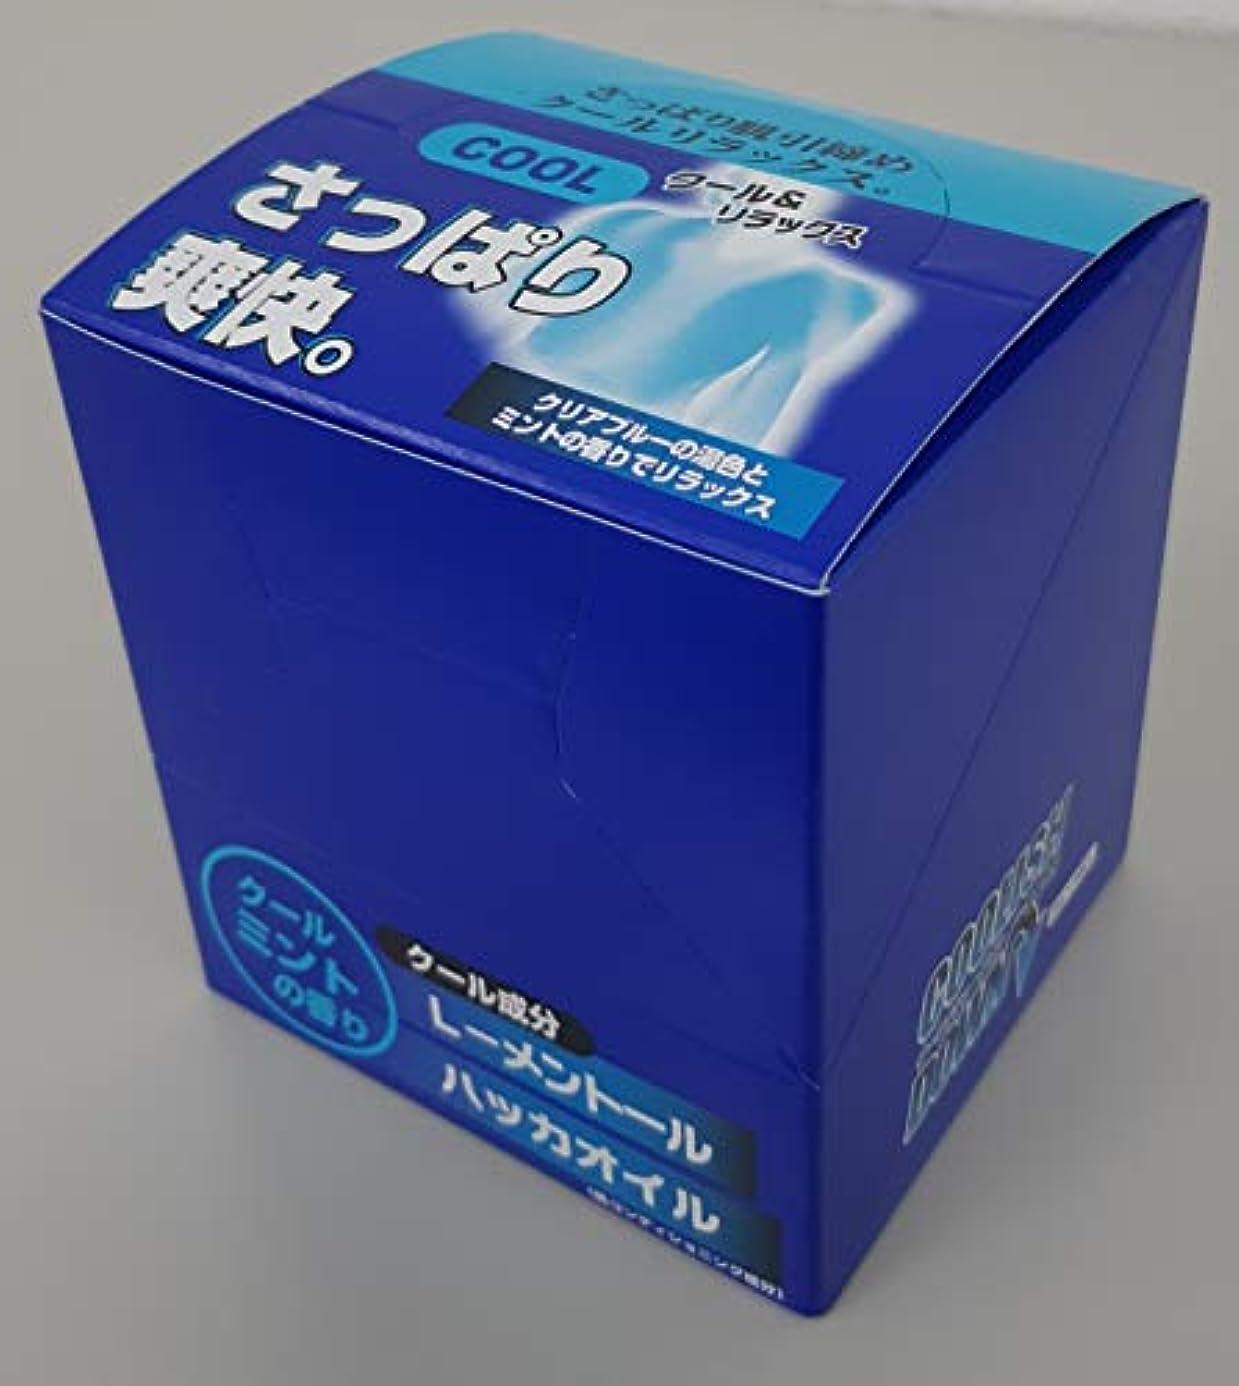 引き出す鋸歯状経験者五洲薬品 クーリッシュダウン 25g×10包入